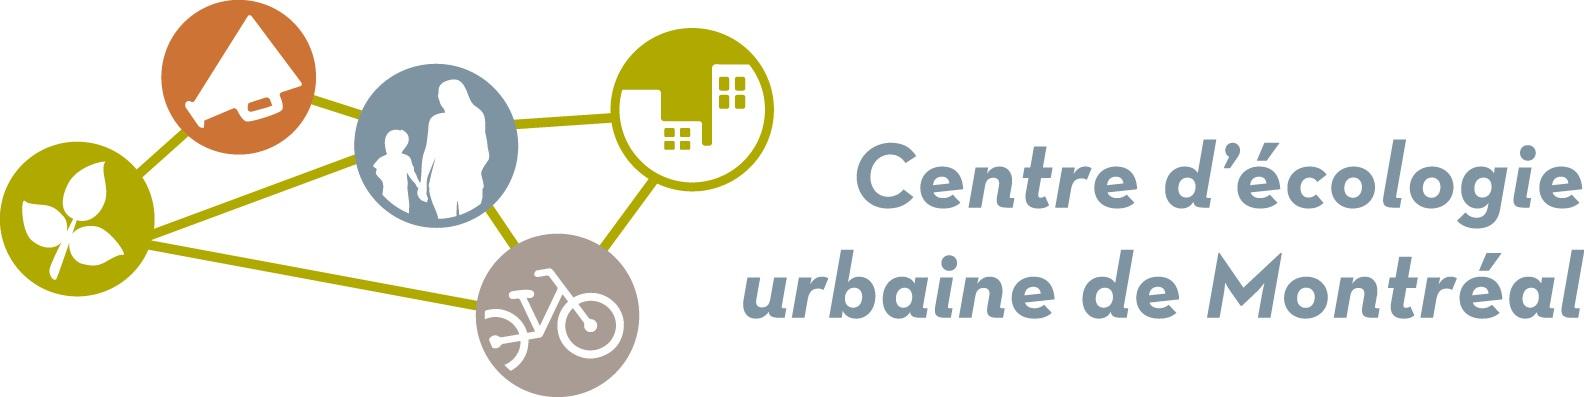 Logo Centre d'écologie urbaine de Montréal